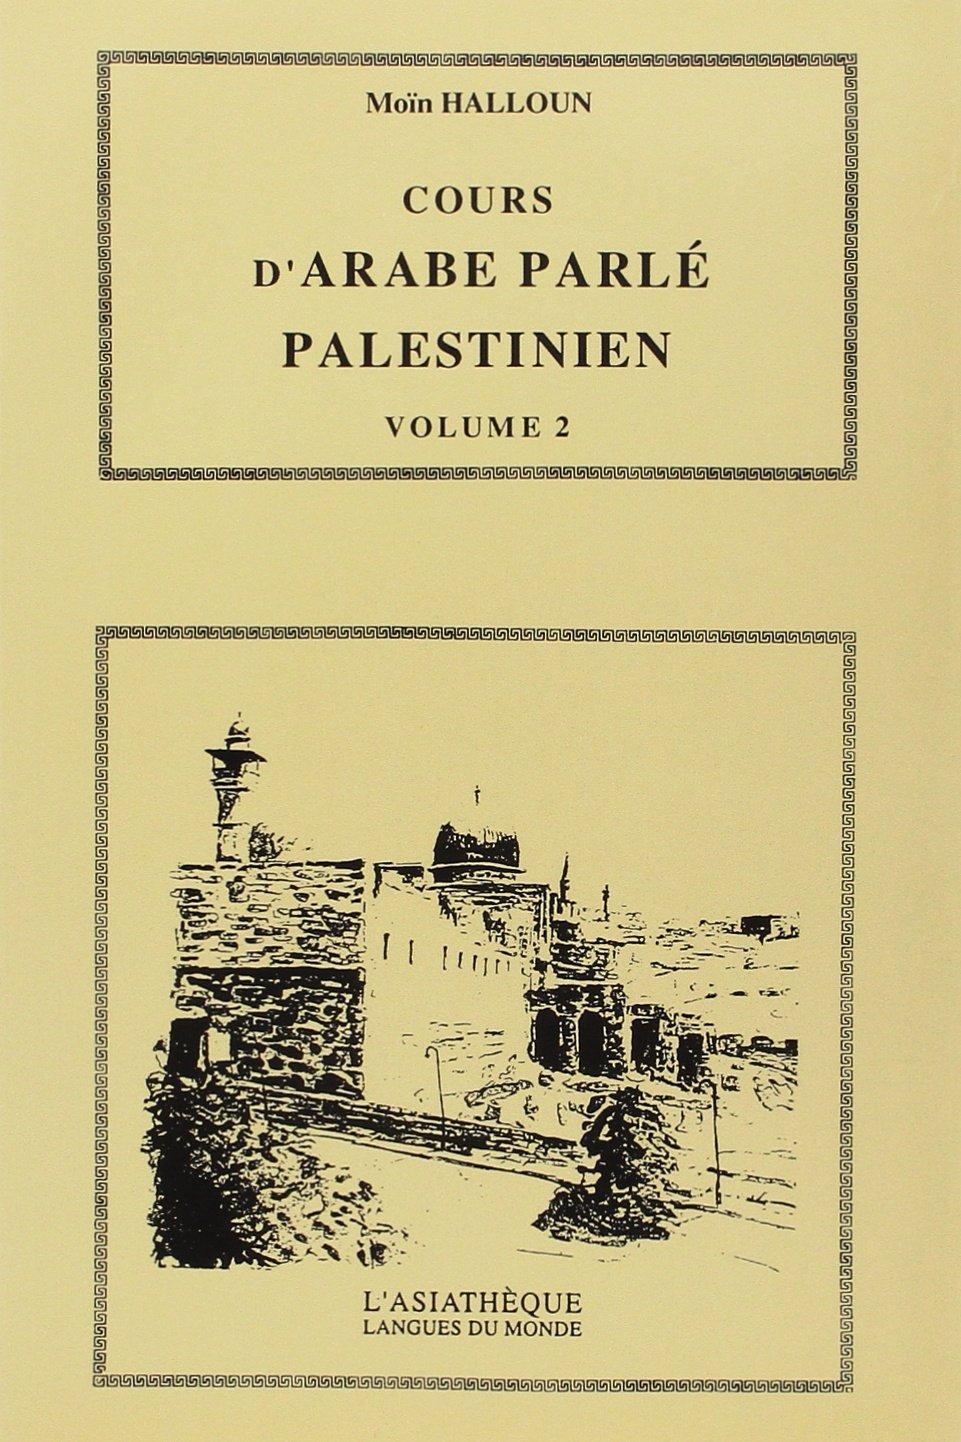 Cours D Arabe Parle Palestinien Volume 2 Maison Des Langues Du Monde French Edition Halloun Moin 9782911053207 Amazon Com Books